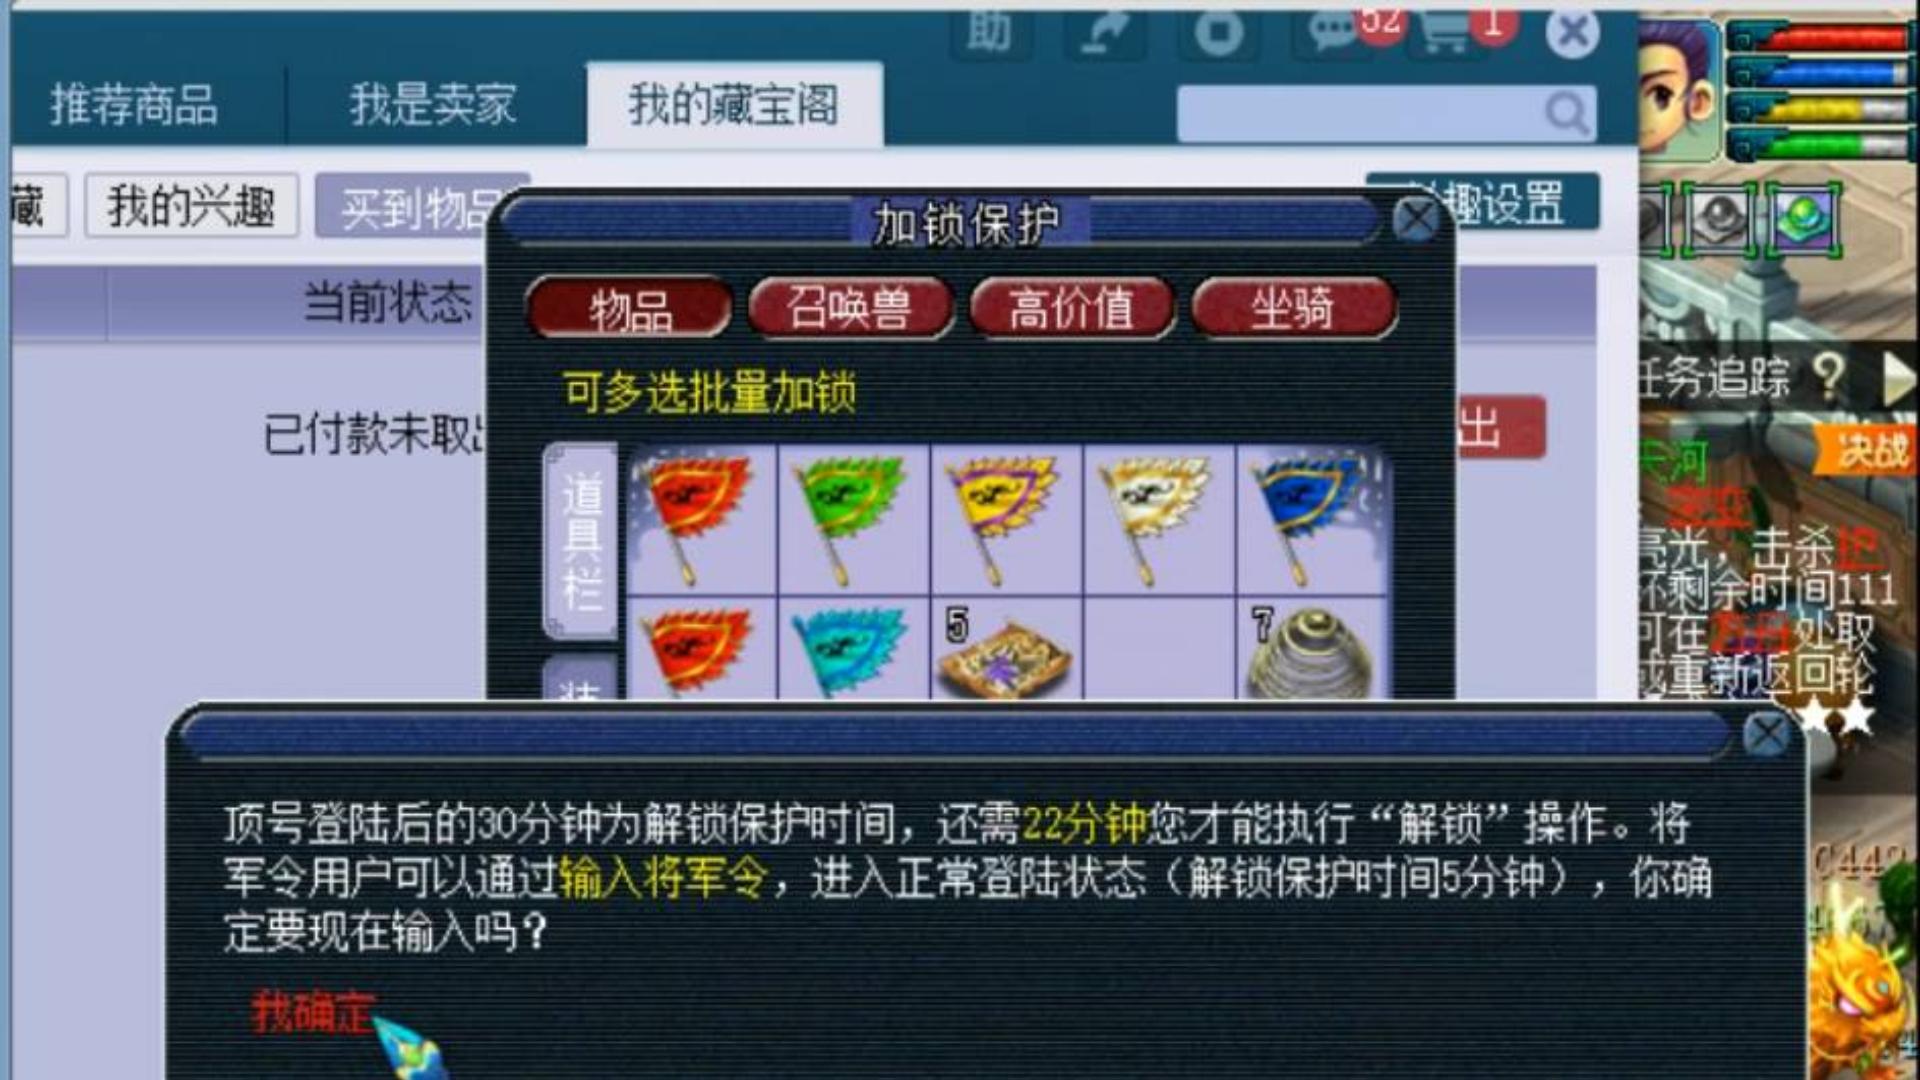 梦幻西游:老王找晶晶姐拿钱买下了14技能童子,取出看看资质如何